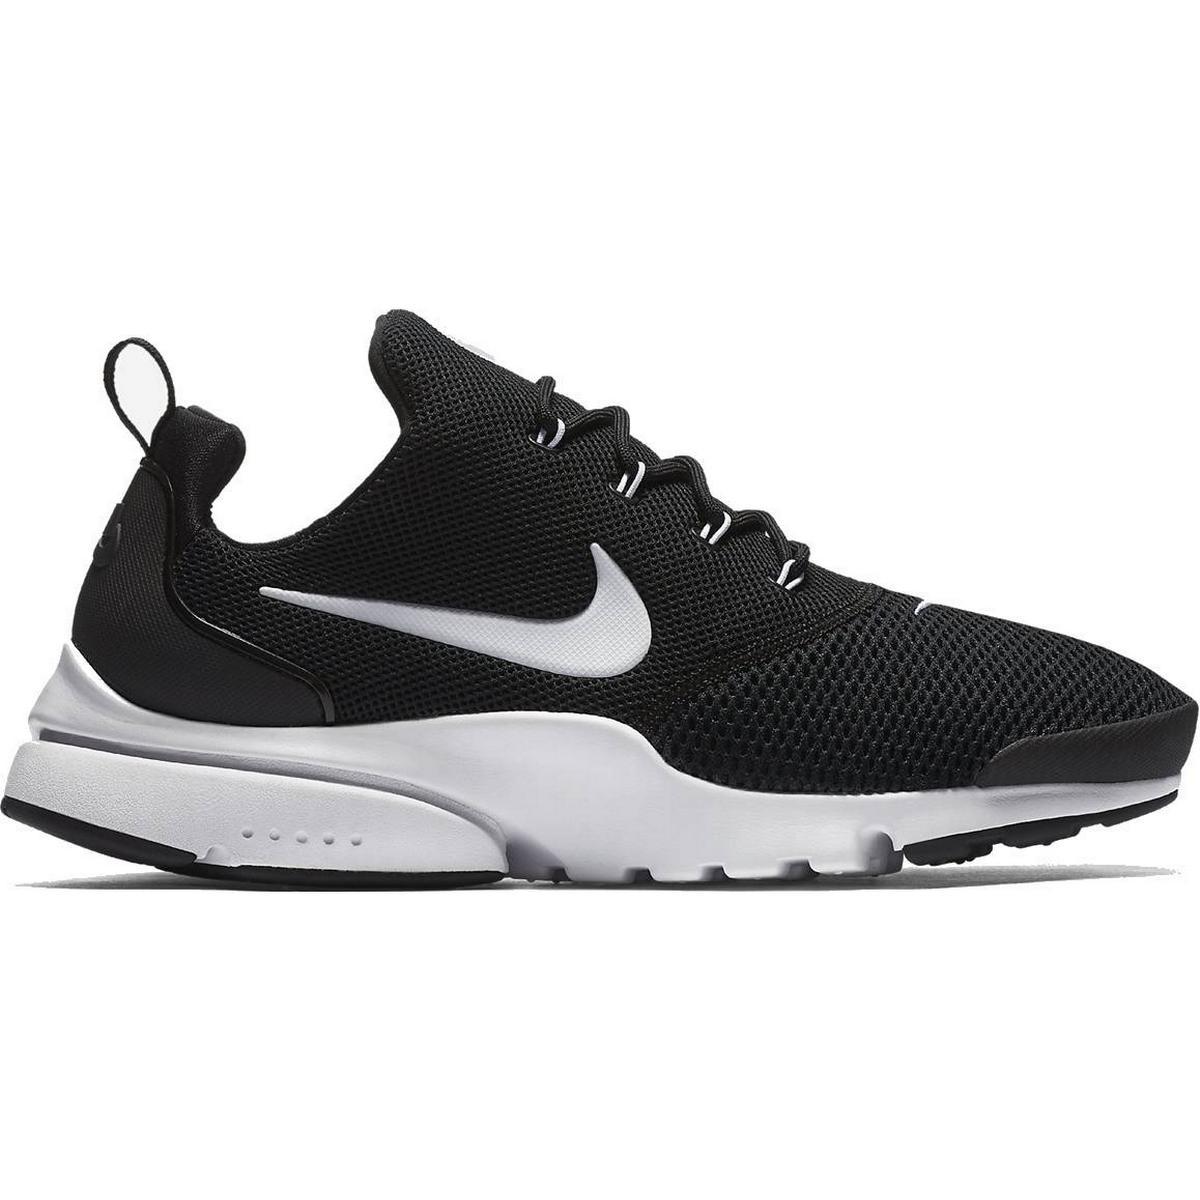 Nike presto white • Find den billigste pris hos PriceRunner nu »